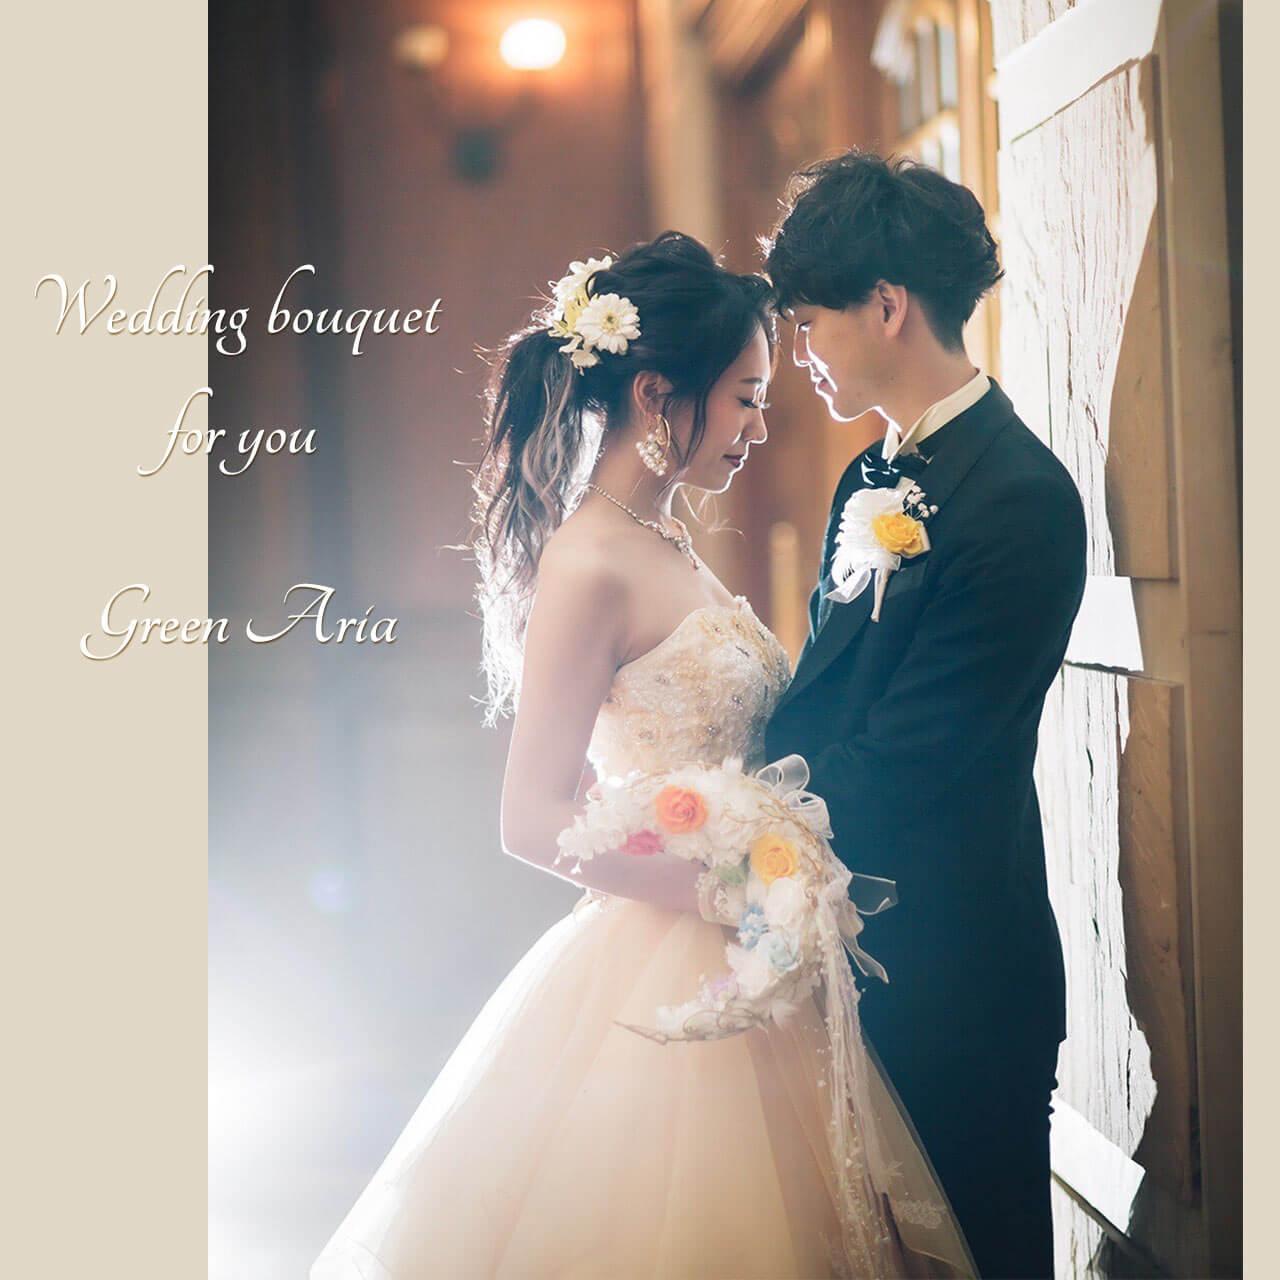 白い三日月に7色の薔薇が入った三日月形ブーケを持ったウエディングドレスの新婦と白とイエローのブートニアをつけた新郎が教会の光の中で向かい合う。